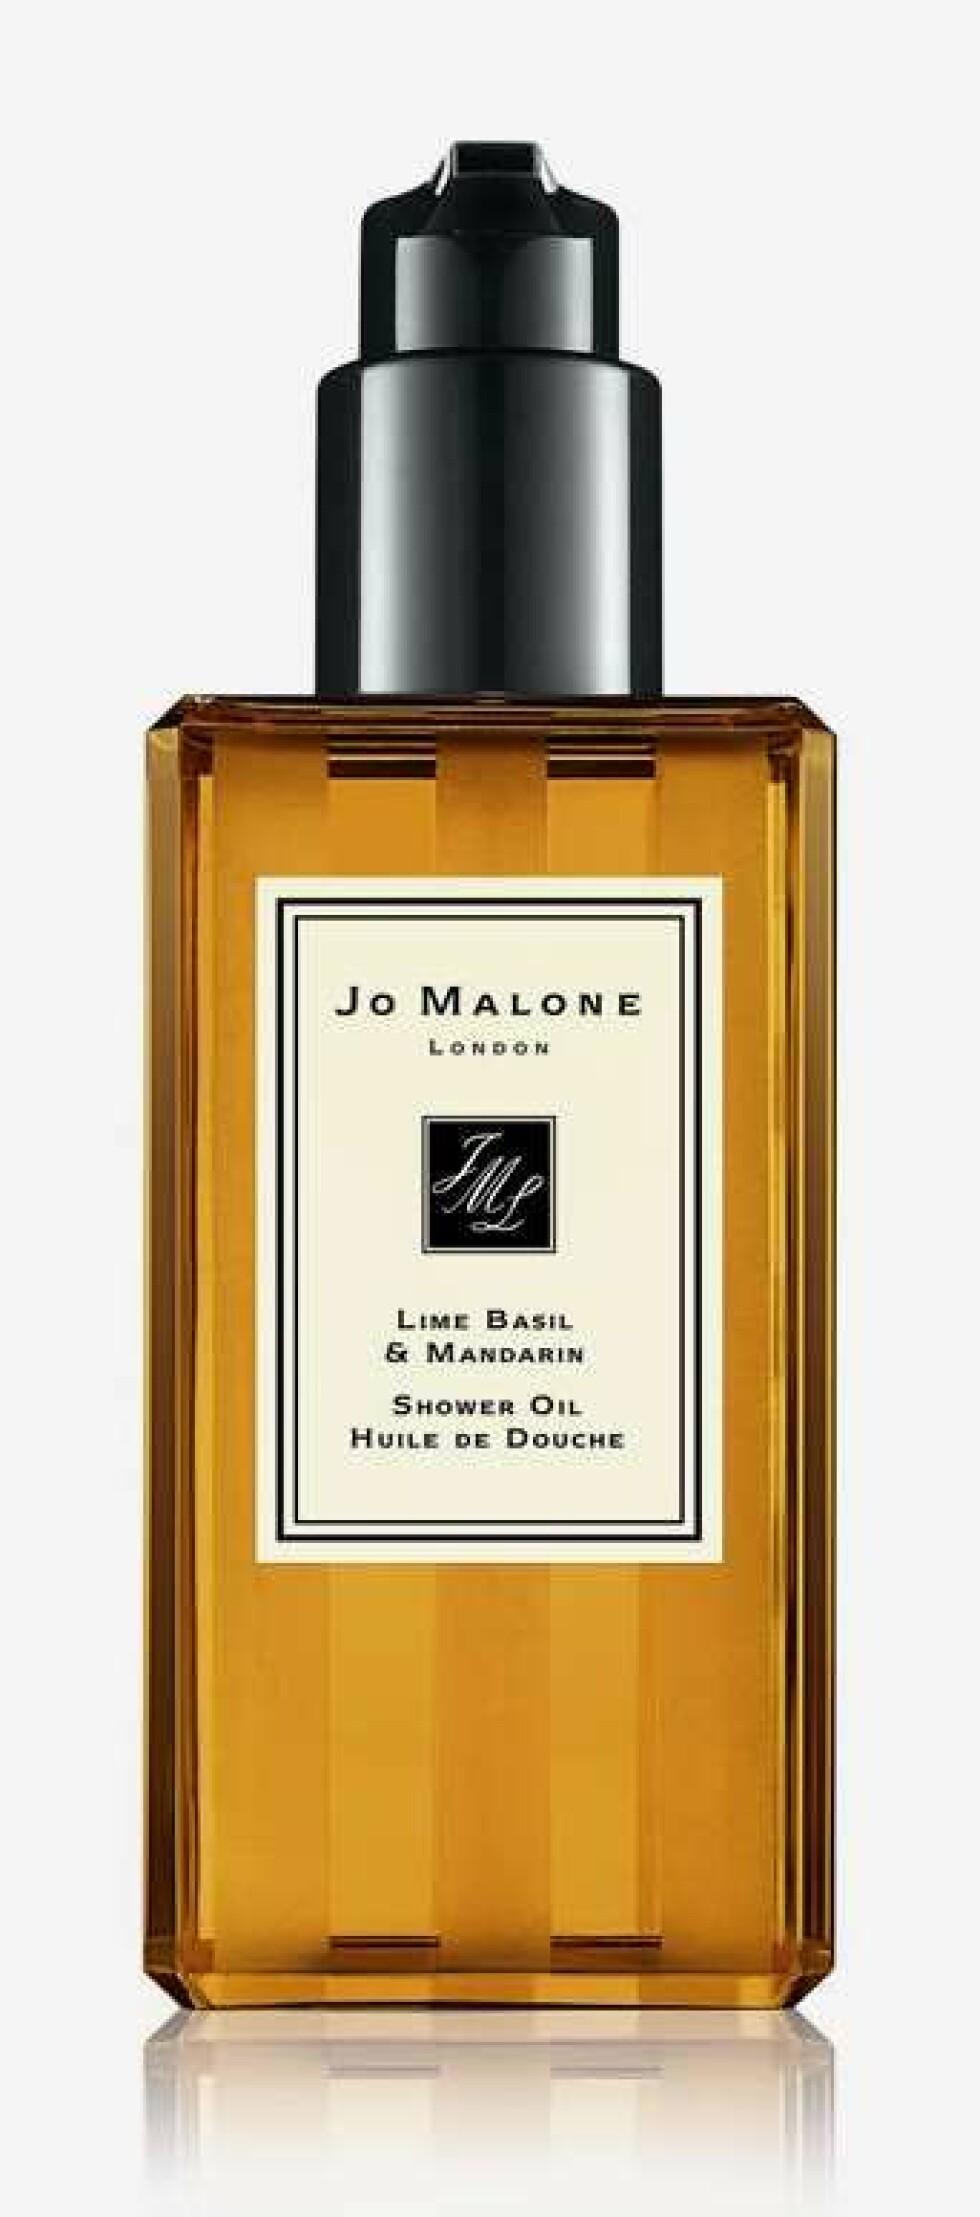 Shower oil fra Jo Malone |340,-|https://www.kicks.no/hudpleie/kroppspleie/badeolje/lime-basil--mandarin-shower-oil-250-ml